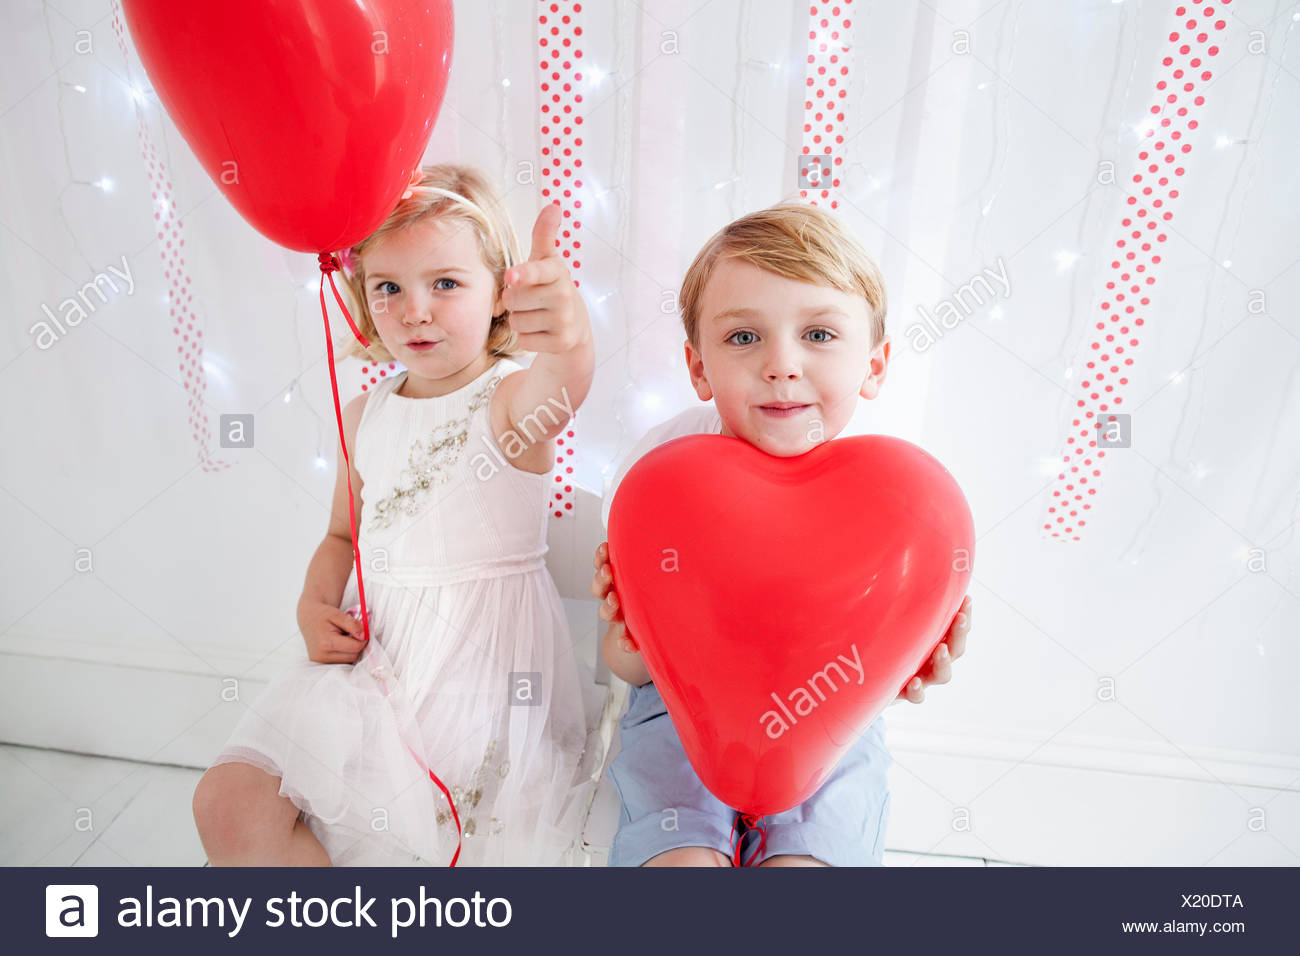 Jeune garçon et fille posant pour une photo dans un studio de photographes, holding red balloons. Photo Stock